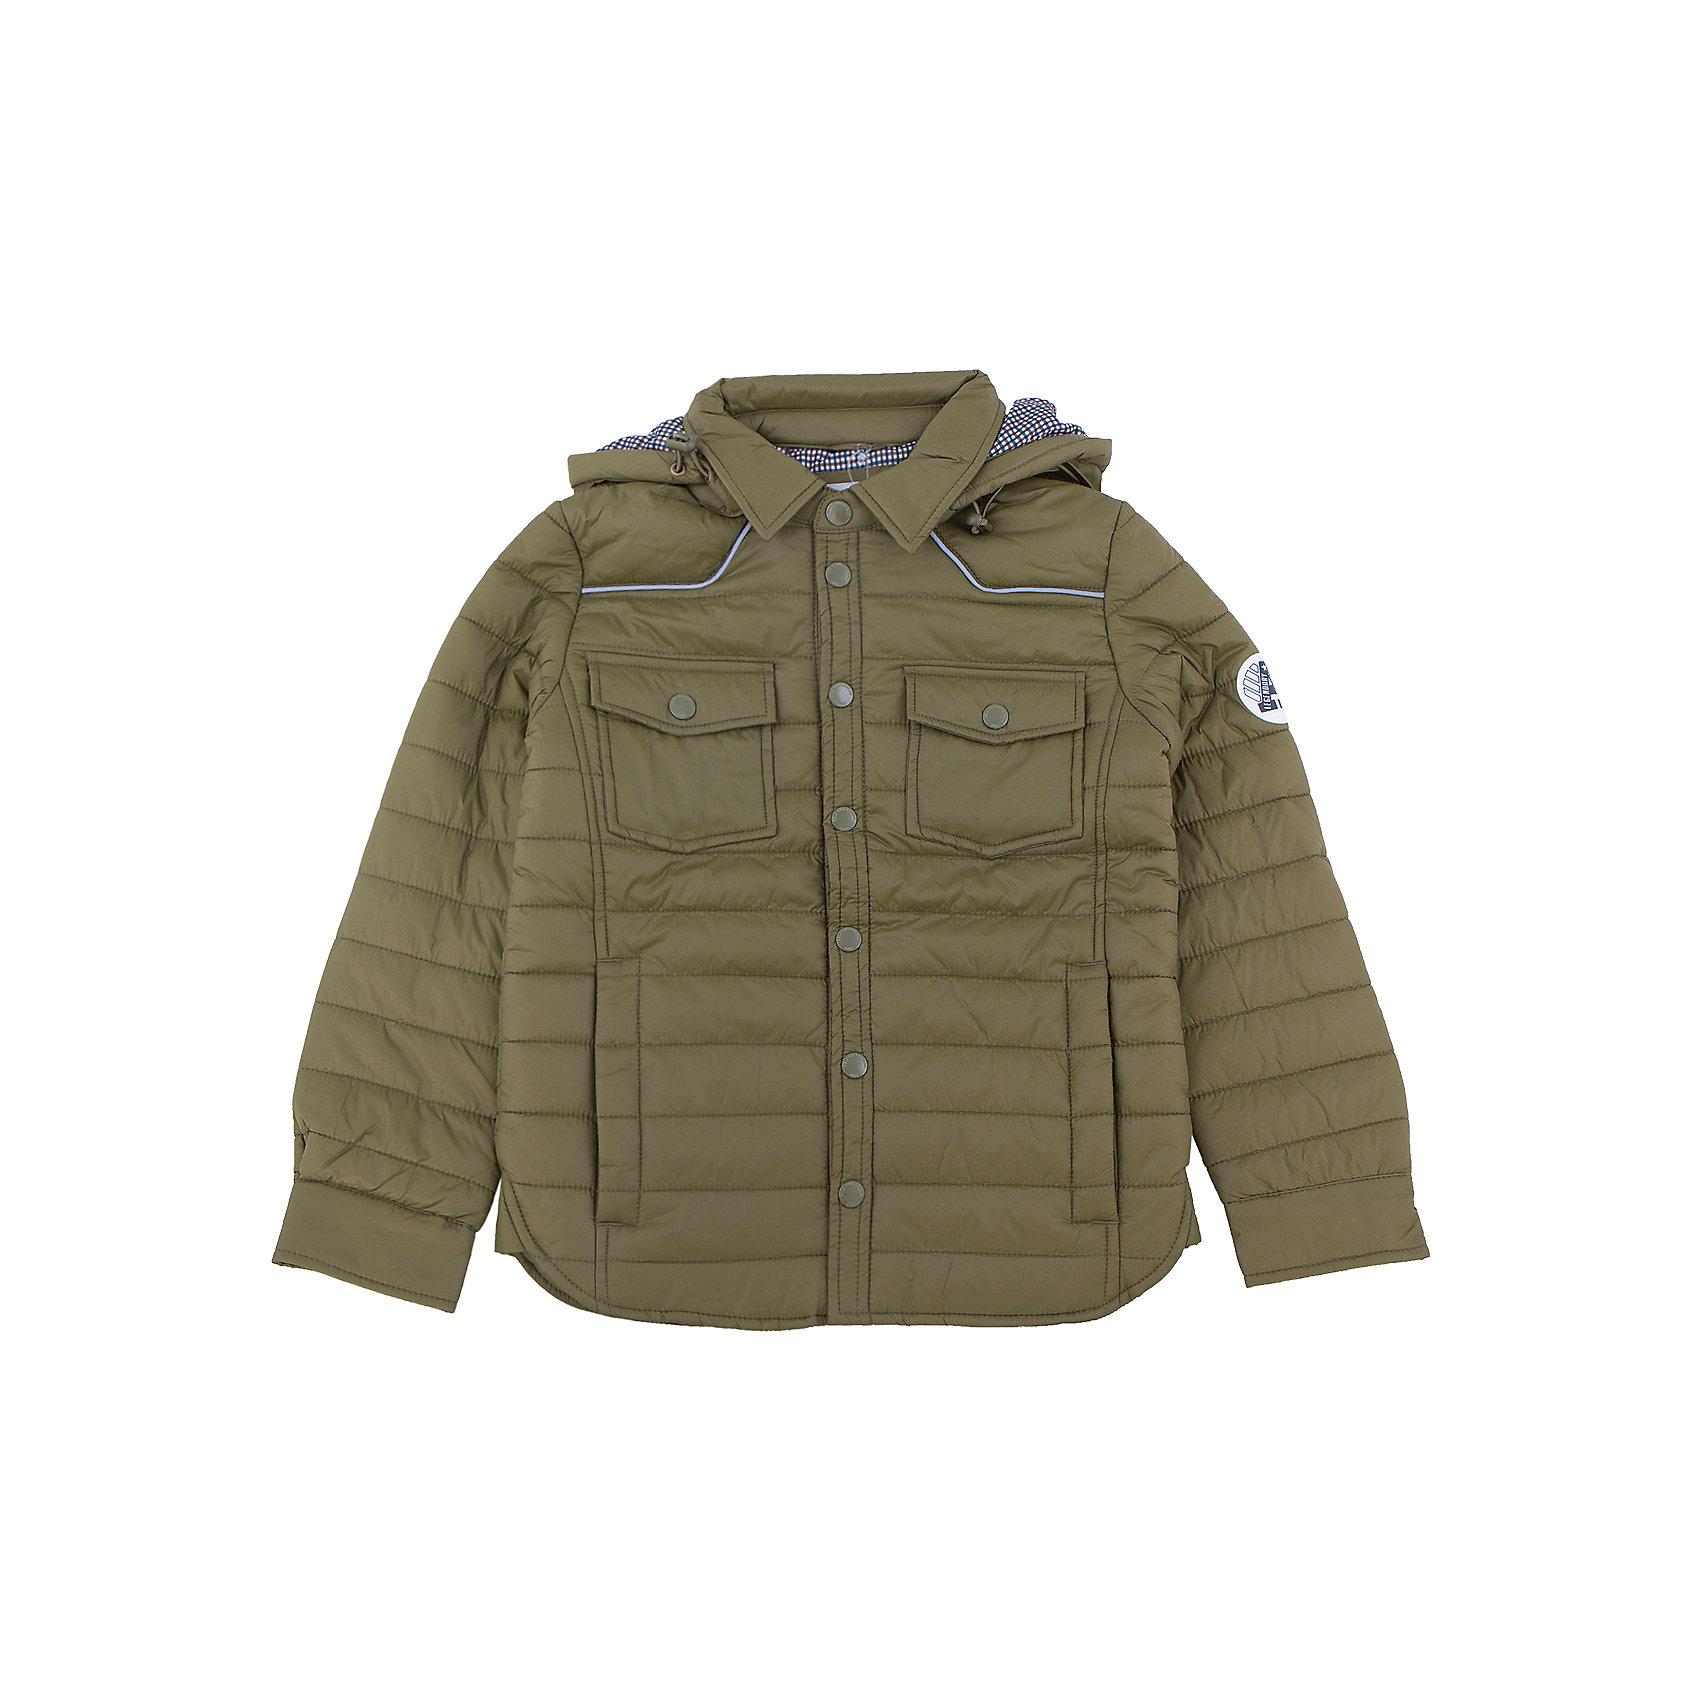 Куртка для мальчика SELAВерхняя одежда<br>Эта модная утепленная куртка - незаменимая вещь в прохладное время года. Эта модель отлично сидит на ребенке, она сшита из плотного материала, позволяет гулять и заниматься спортом на свежем воздухе. Подкладка и утеплитель обеспечивают ребенку комфорт. Модель дополнена капюшоном и карманами.<br>Одежда от бренда Sela (Села) - это качество по приемлемым ценам. Многие российские родители уже оценили преимущества продукции этой компании и всё чаще приобретают одежду и аксессуары Sela.<br><br>Дополнительная информация:<br><br>материал: 100% ПЭ;<br>капюшон;<br>карманы;<br>застежки - кнопки.<br><br>Куртку для мальчика от бренда Sela можно купить в нашем интернет-магазине.<br><br>Ширина мм: 356<br>Глубина мм: 10<br>Высота мм: 245<br>Вес г: 519<br>Цвет: зеленый<br>Возраст от месяцев: 132<br>Возраст до месяцев: 144<br>Пол: Мужской<br>Возраст: Детский<br>Размер: 152,116,128,140<br>SKU: 4919552